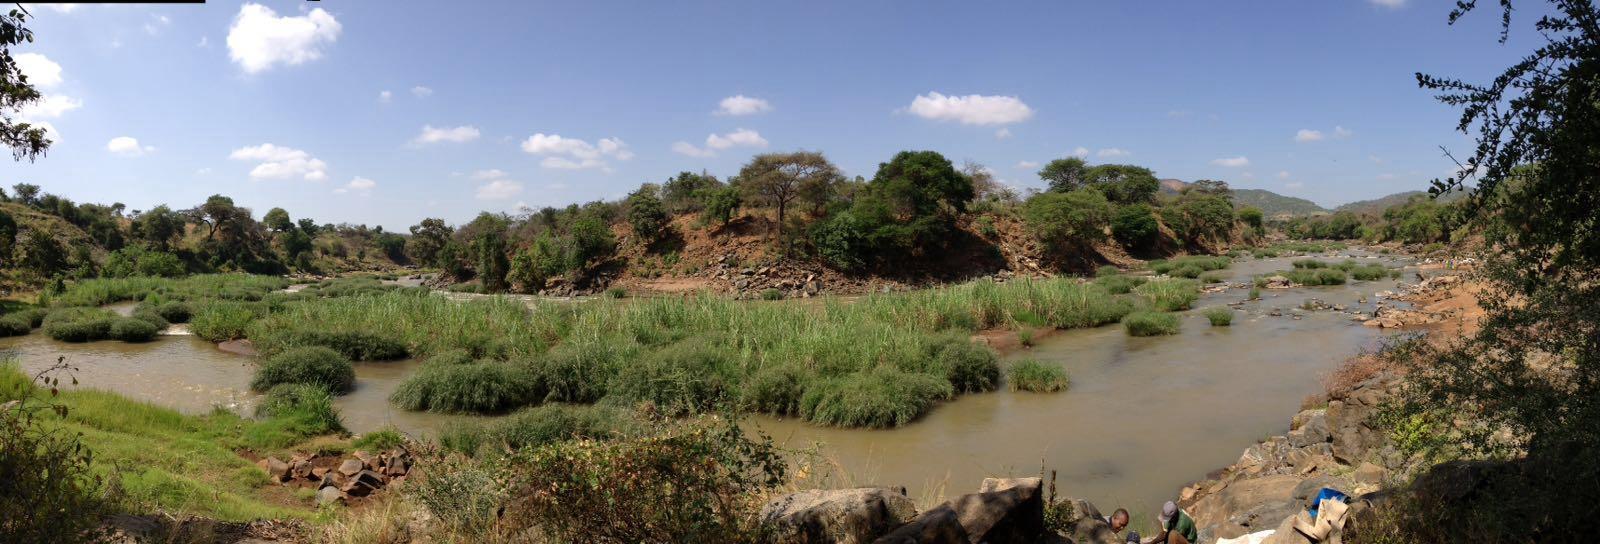 de rivier waaruit het water wordt gepompt